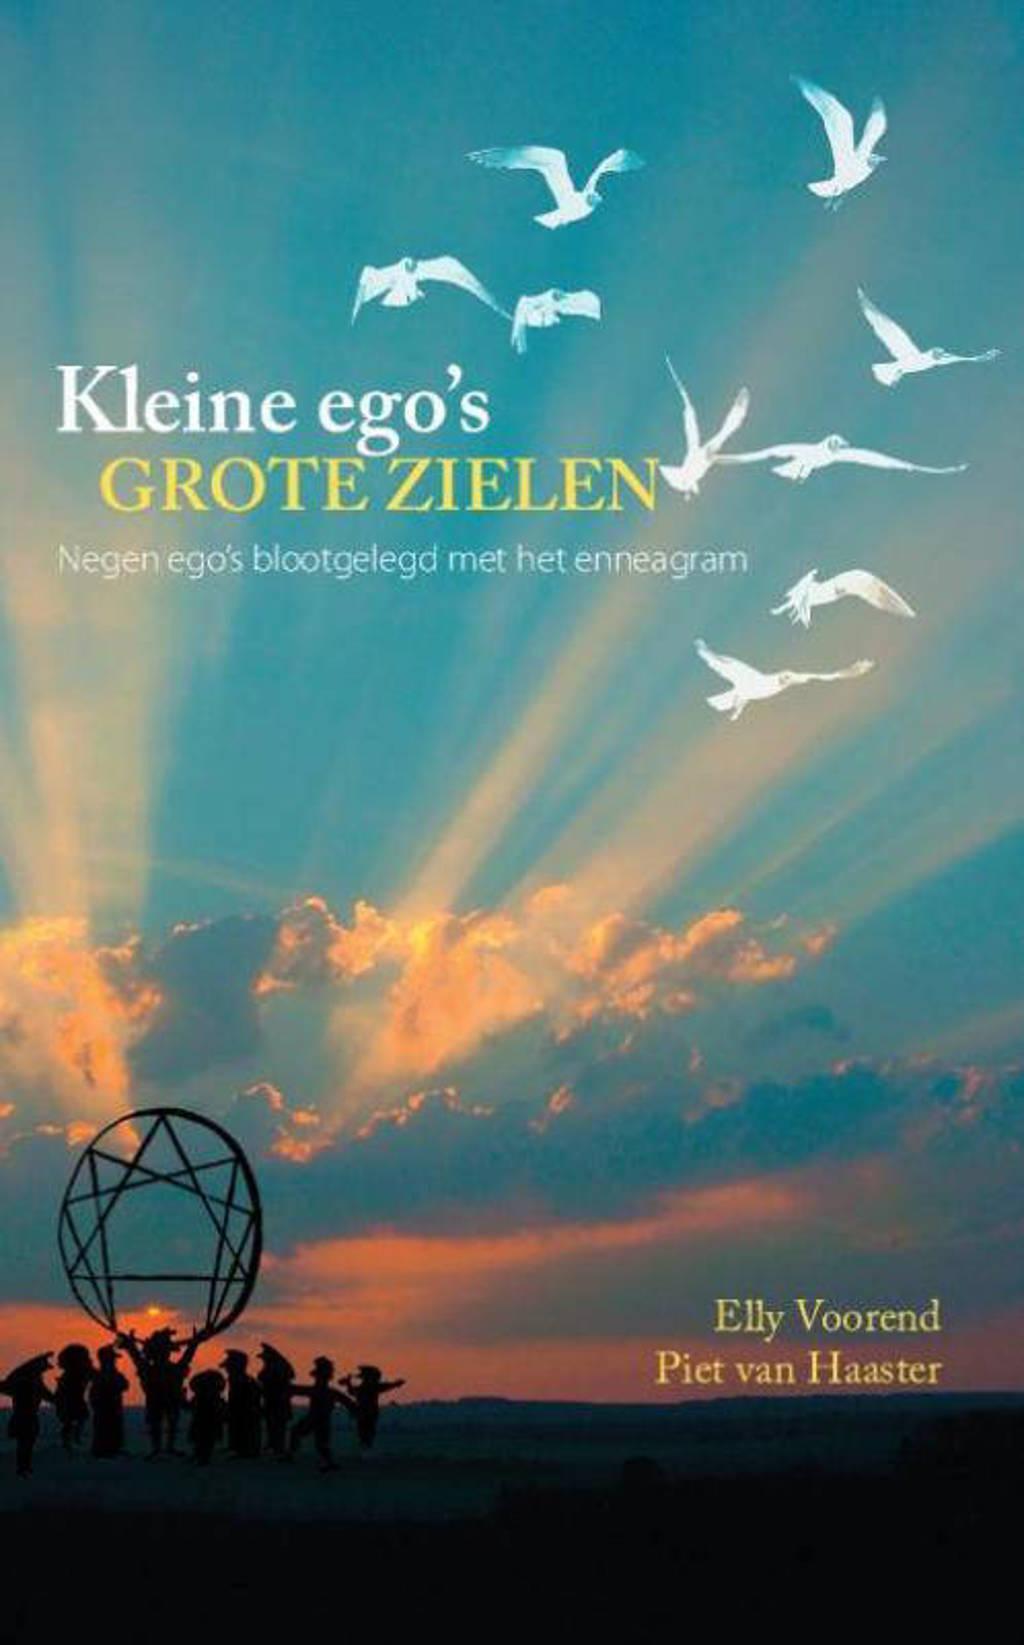 Kleine ego's, grote zielen - Elly Voorend en Piet van Haaster